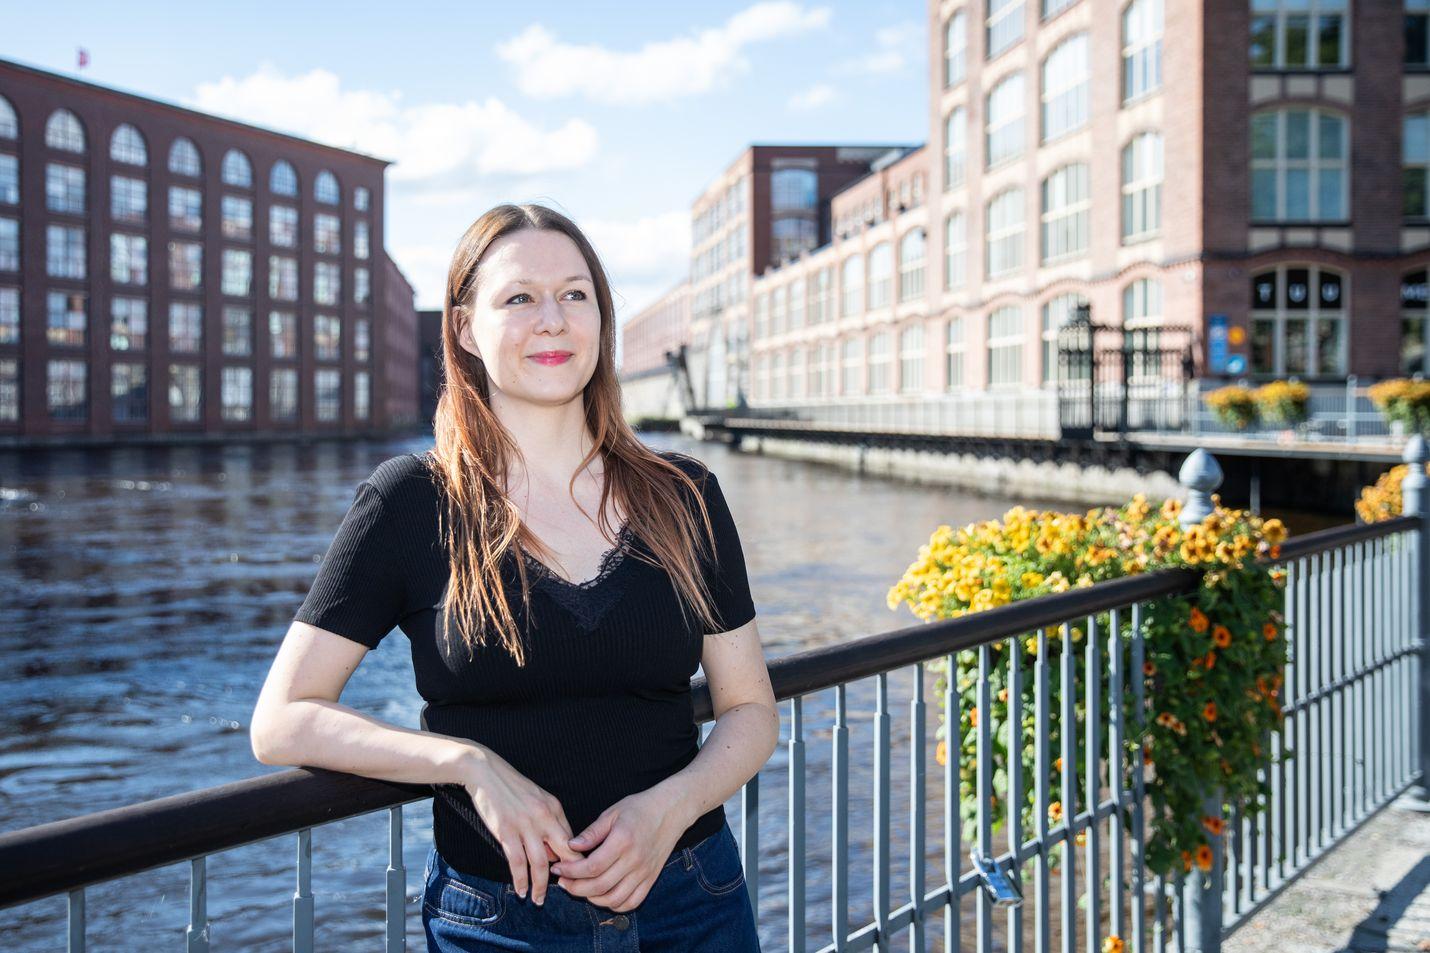 Kirjallisuudentutkija Maria Laakso kuvattiin Tampereella Tammerkosken tehdasmaisemassa. Sama maisema on kuvattu 20 markan setelin taustapuolelle. Setelin etupuolella komeili kirjailija Väinö Linna, joka aloitti kirjailijan uransa olleessaan vielä töissä Finlaysonin tehtaalla.